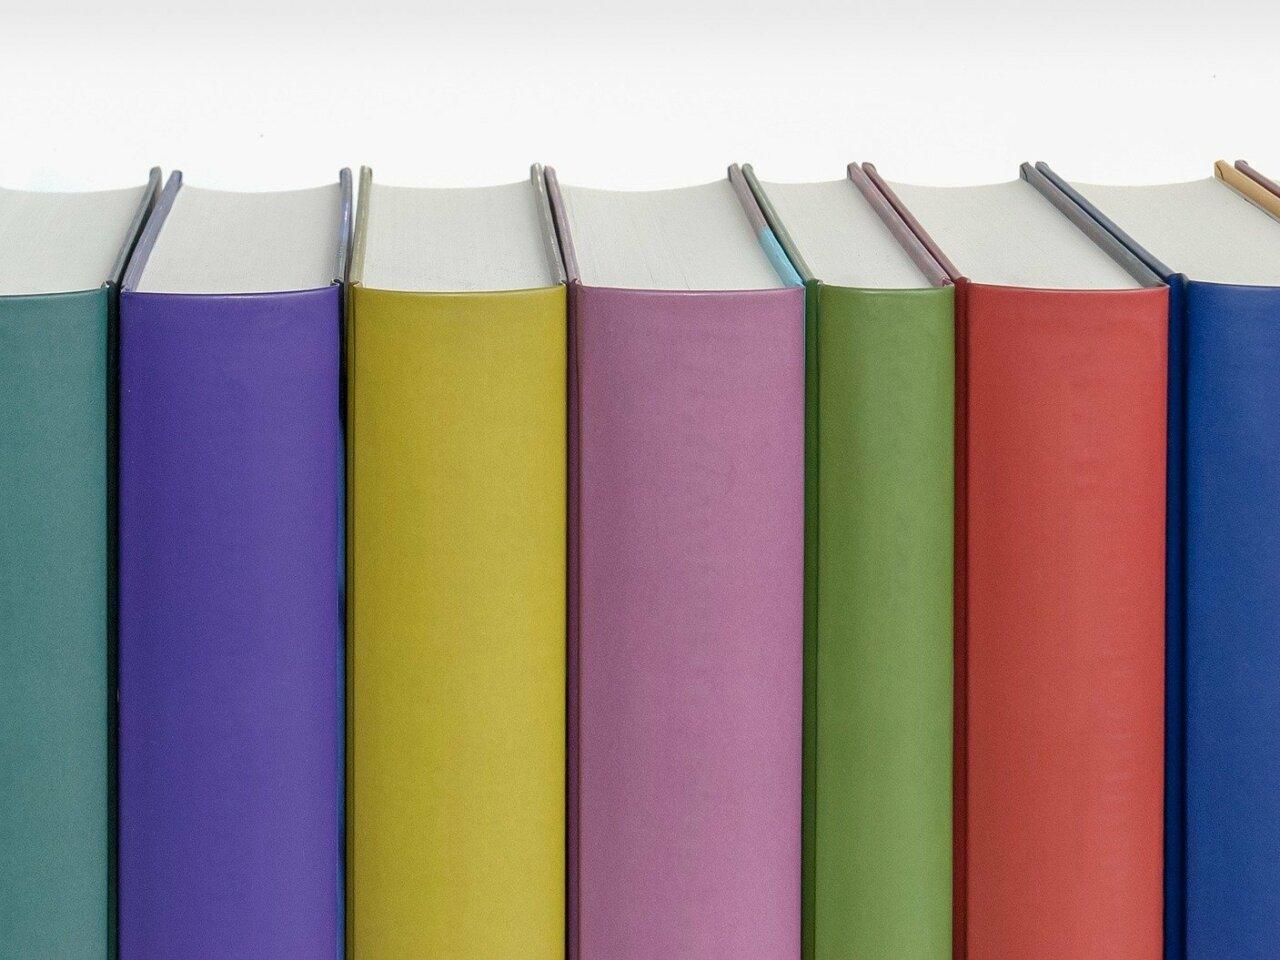 Literacy Minnesota Newsletter: Board Member Spotlight on Karin Goettsch